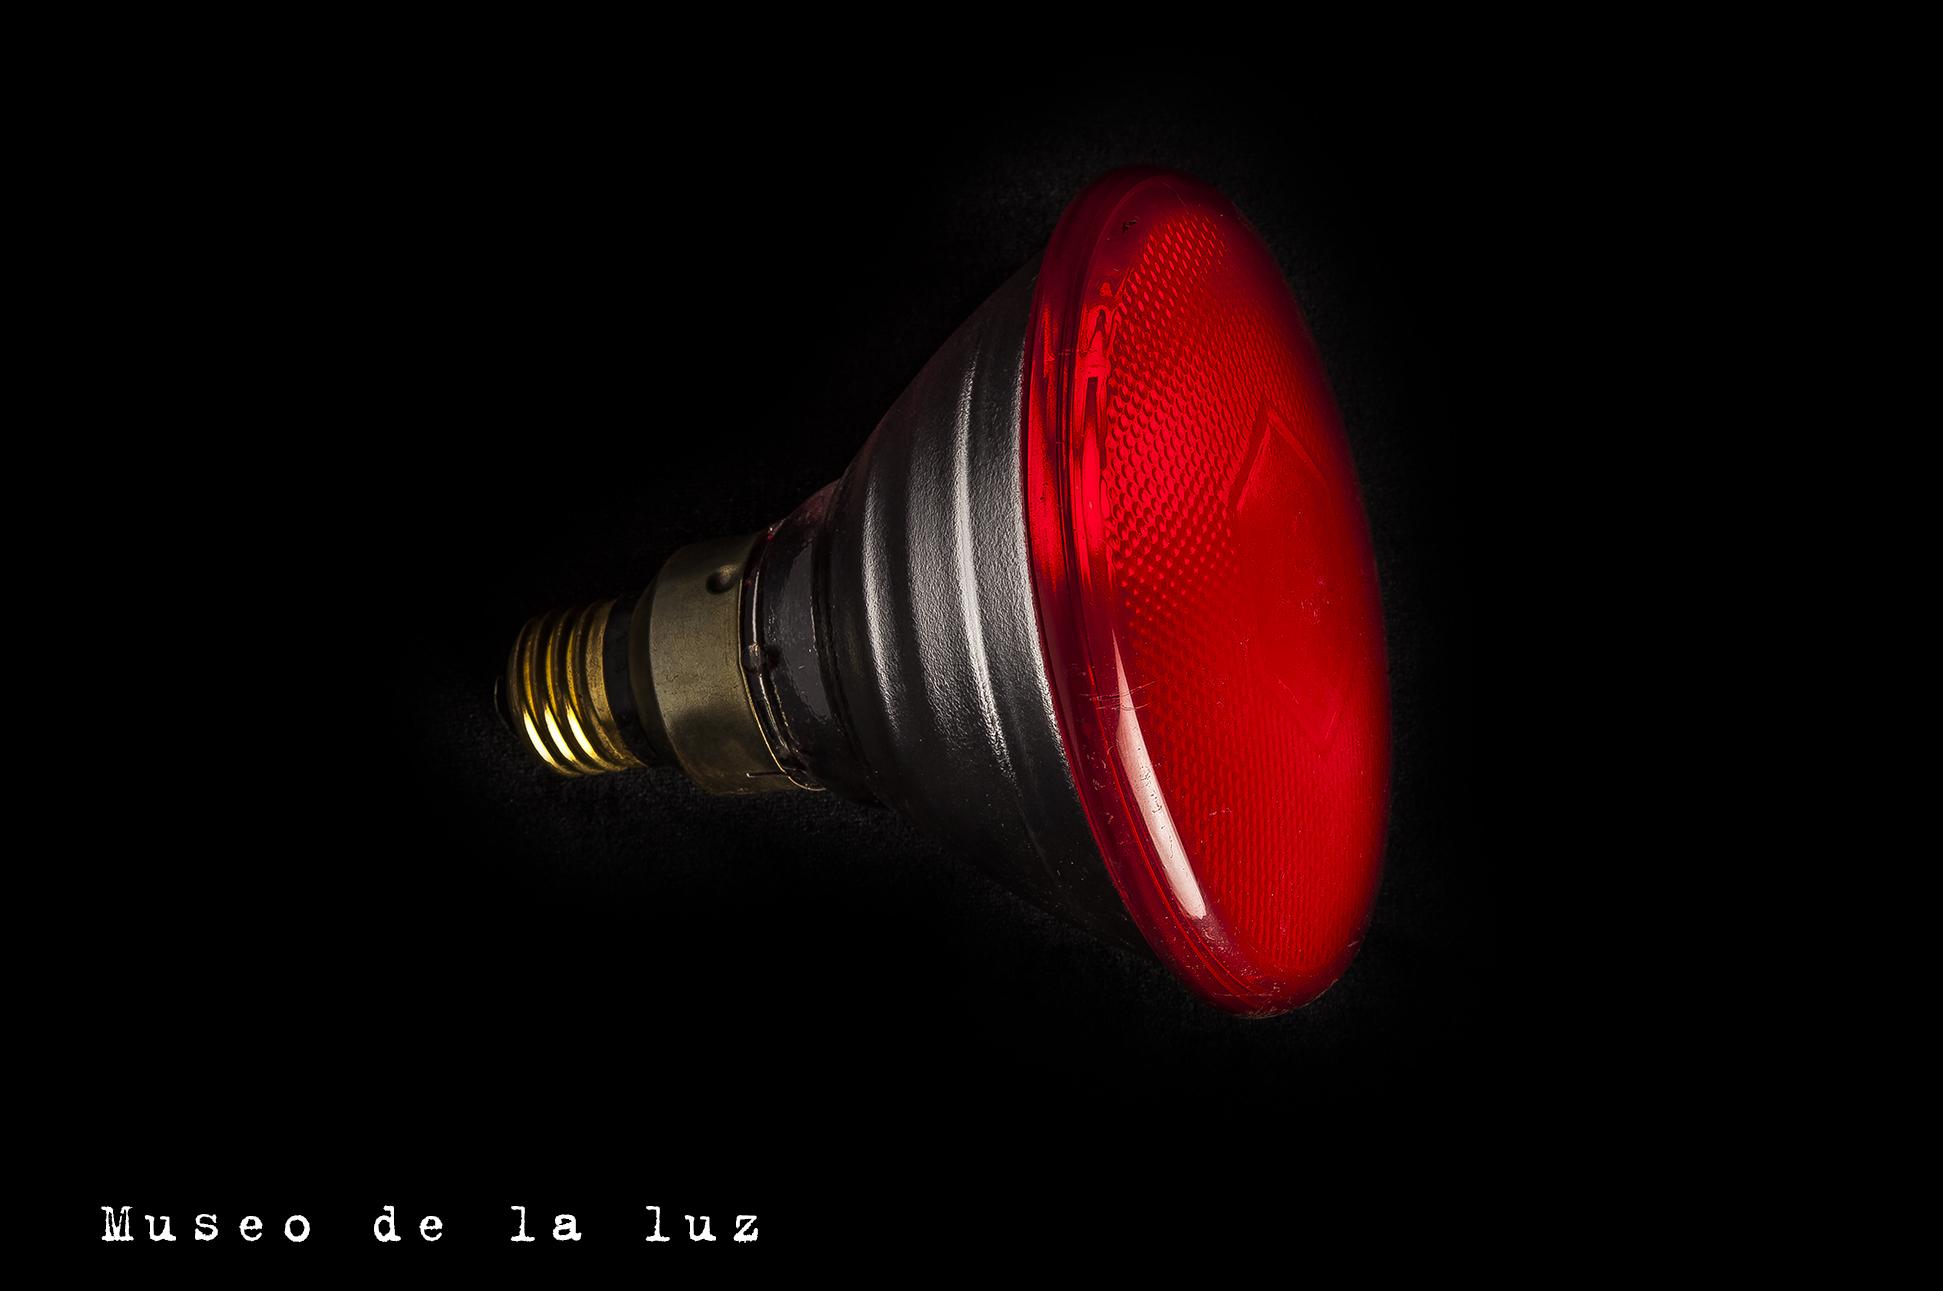 luminarias_Museo de la luz_1.jpg